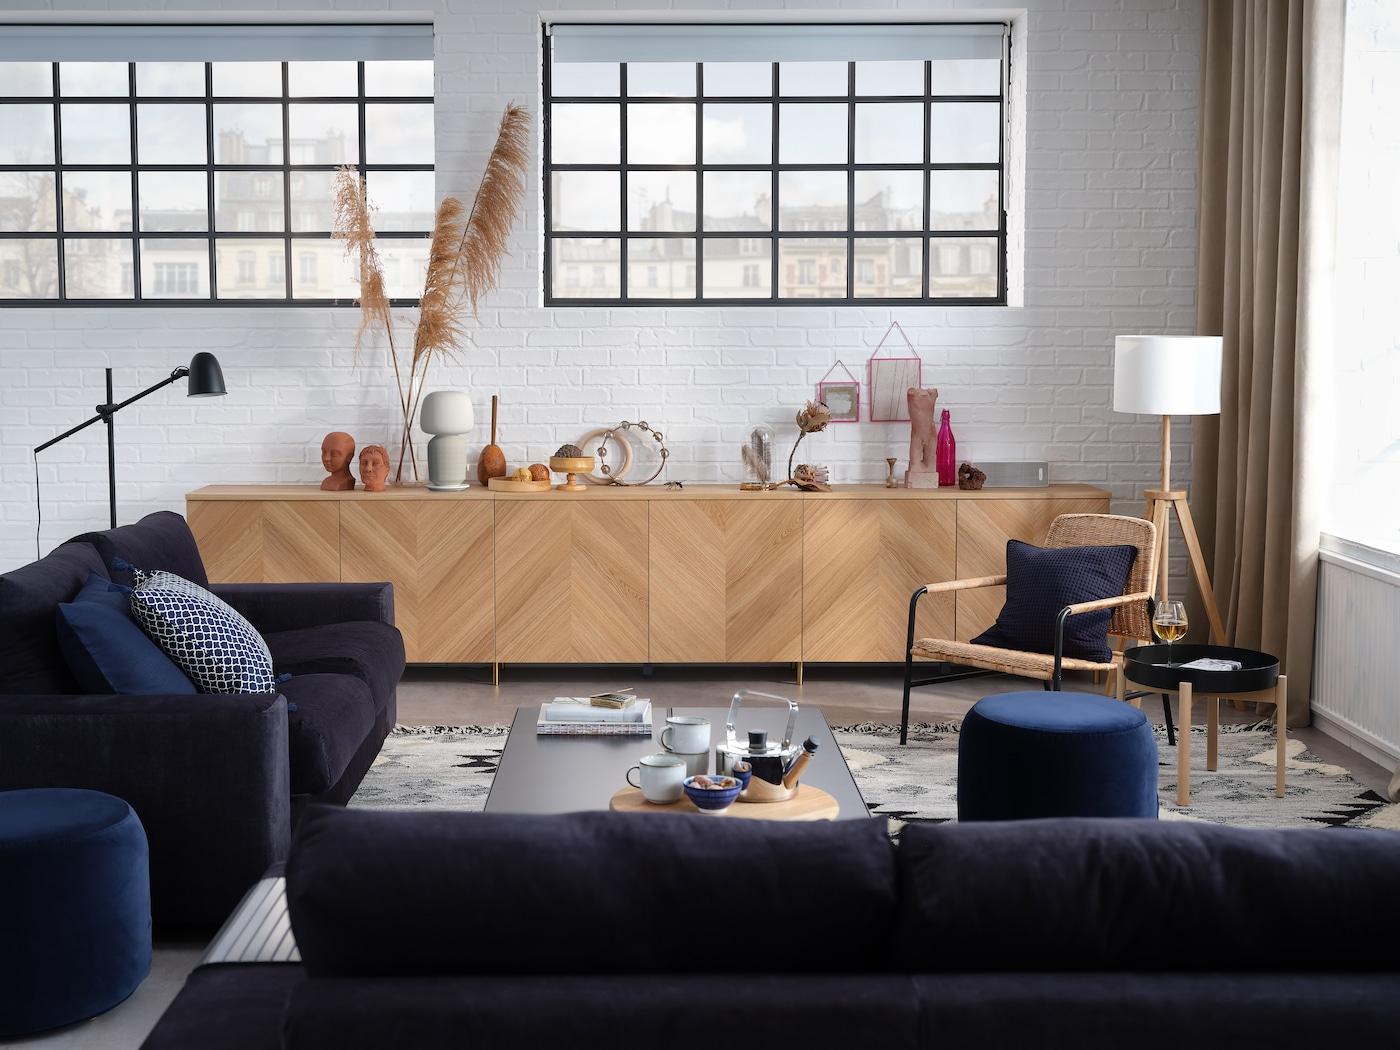 Snyggt vardagsrum med 3-sitssoffa, 2-sitsbäddsoffa, förvaringskombination med dörrar och en fåtölj.